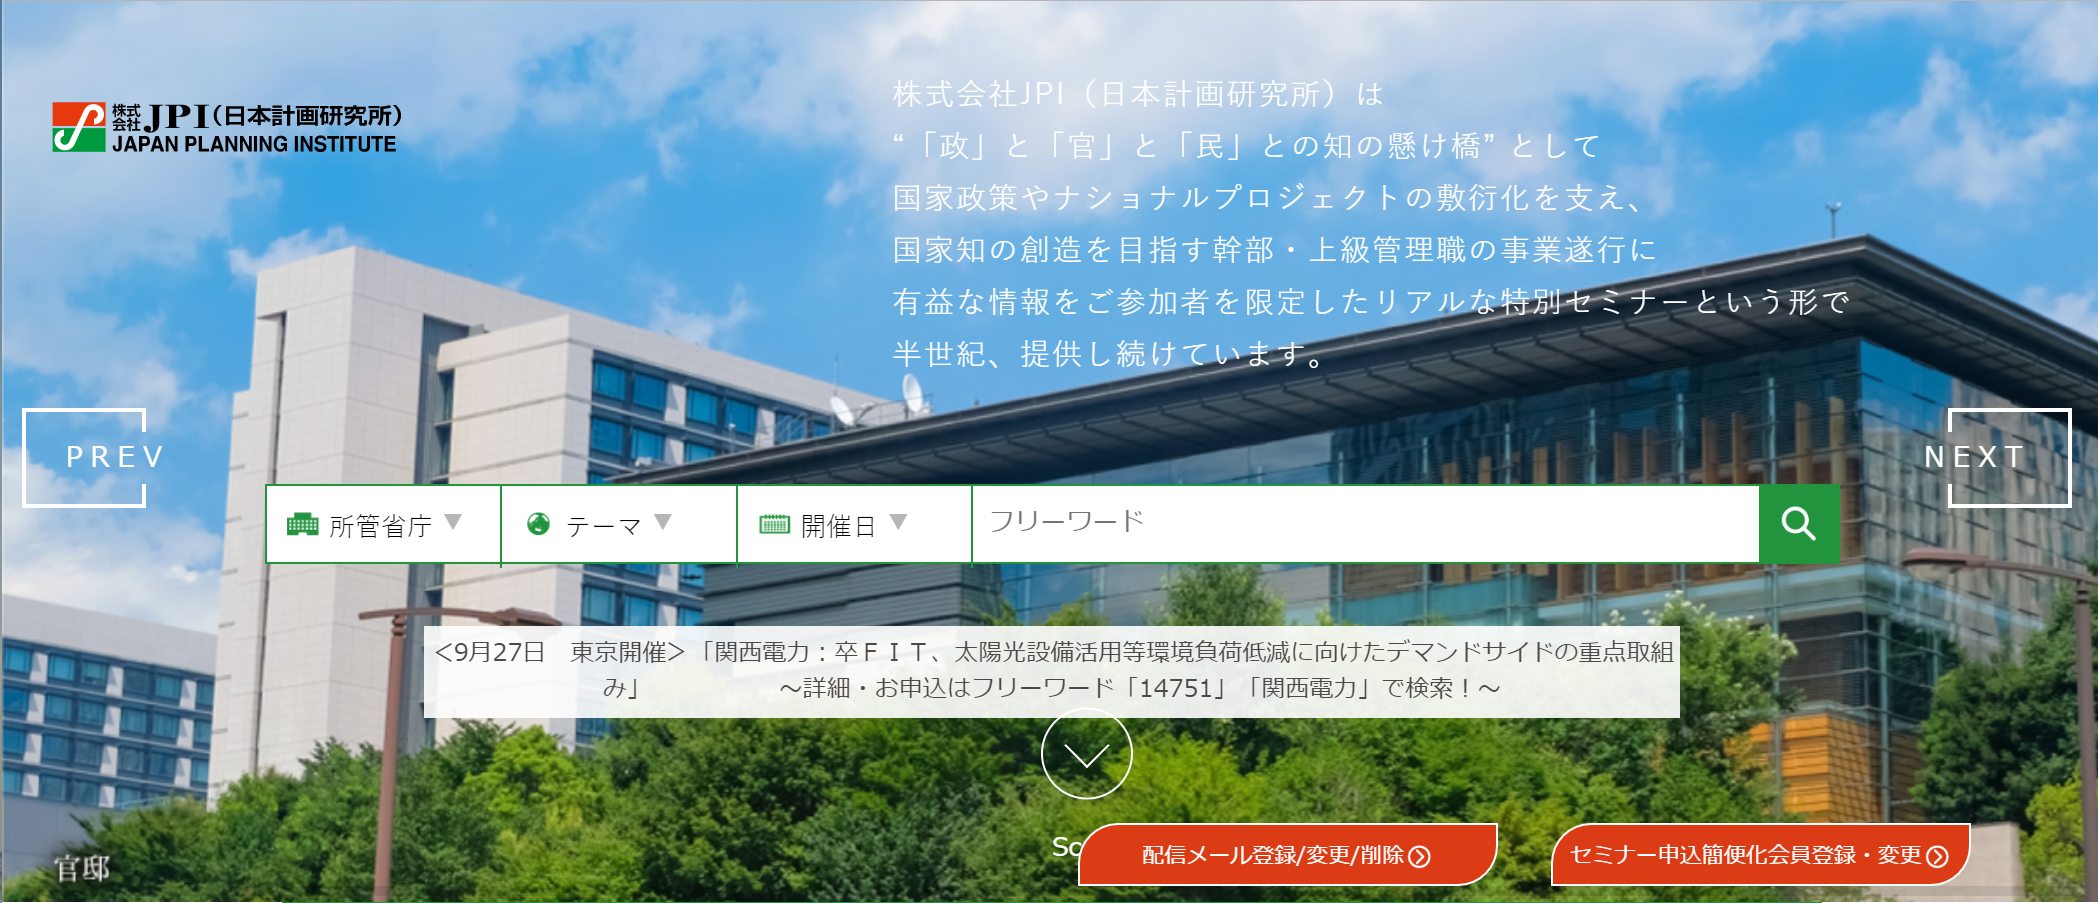 """人工衛星""""コンステレーション構想""""関連セミナー開催 JPI"""